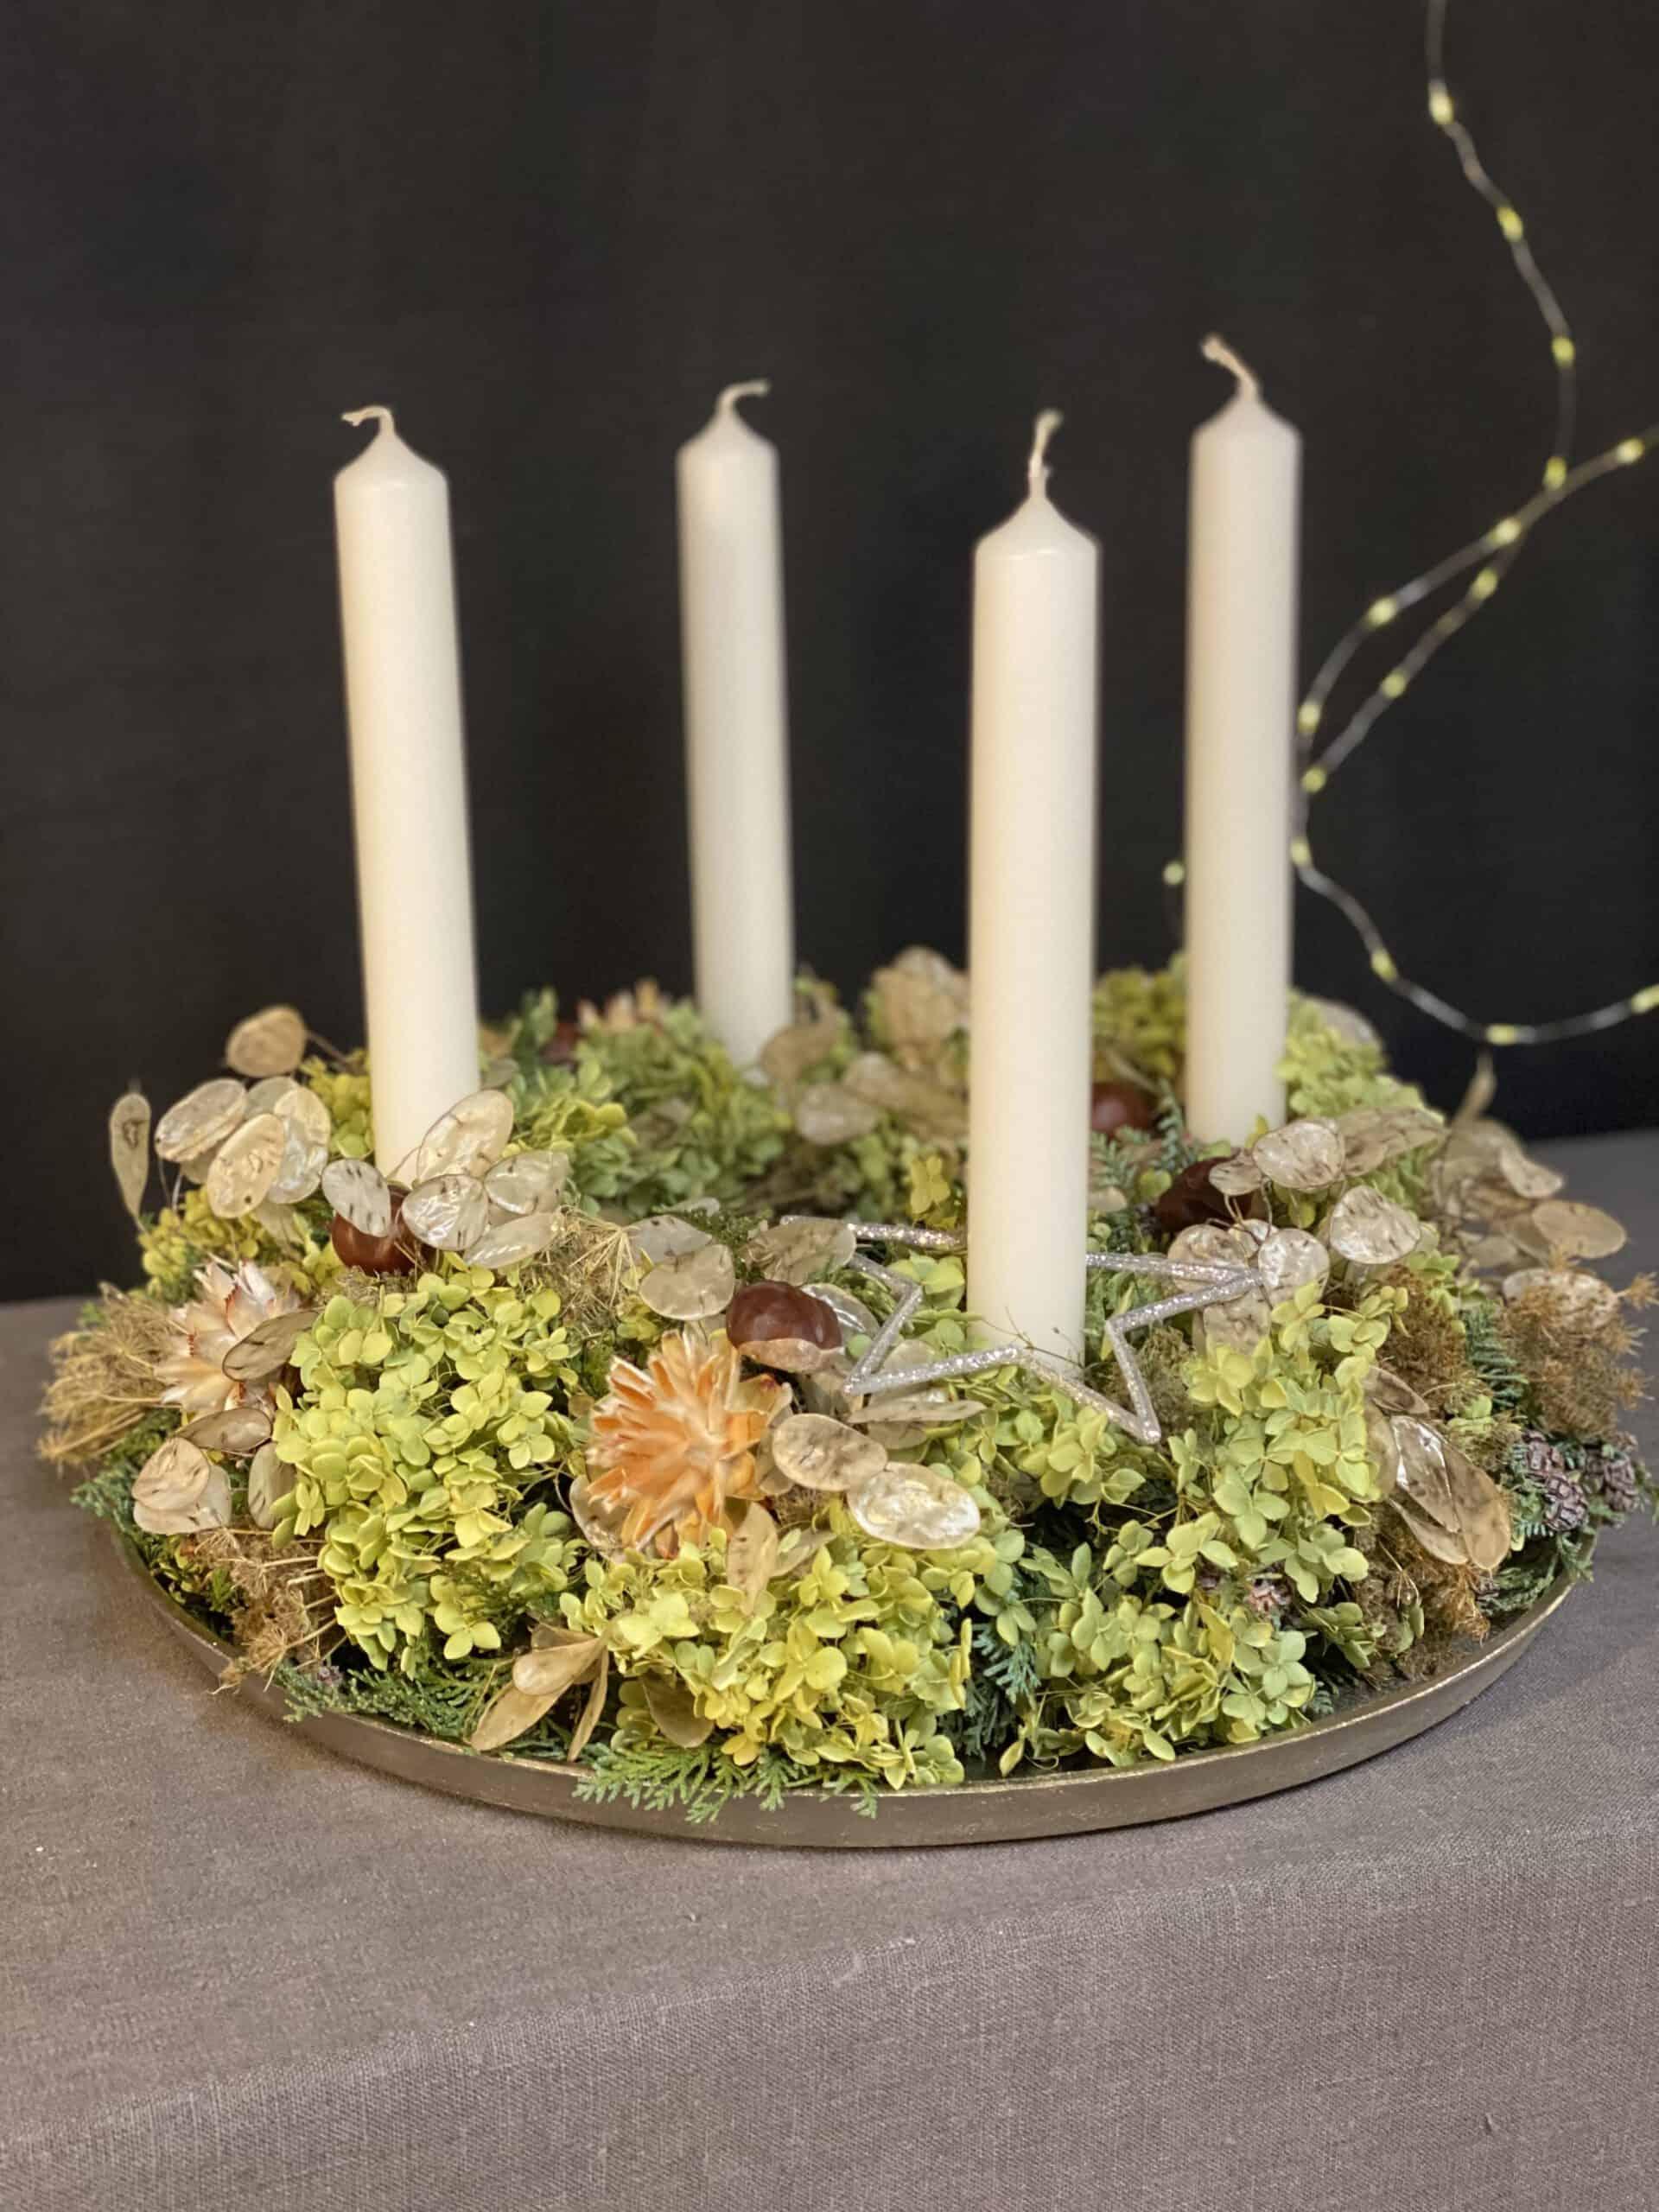 Advendskranz 2021 mit 4 weißen Kerzen, Hortensien, Trockenblumen